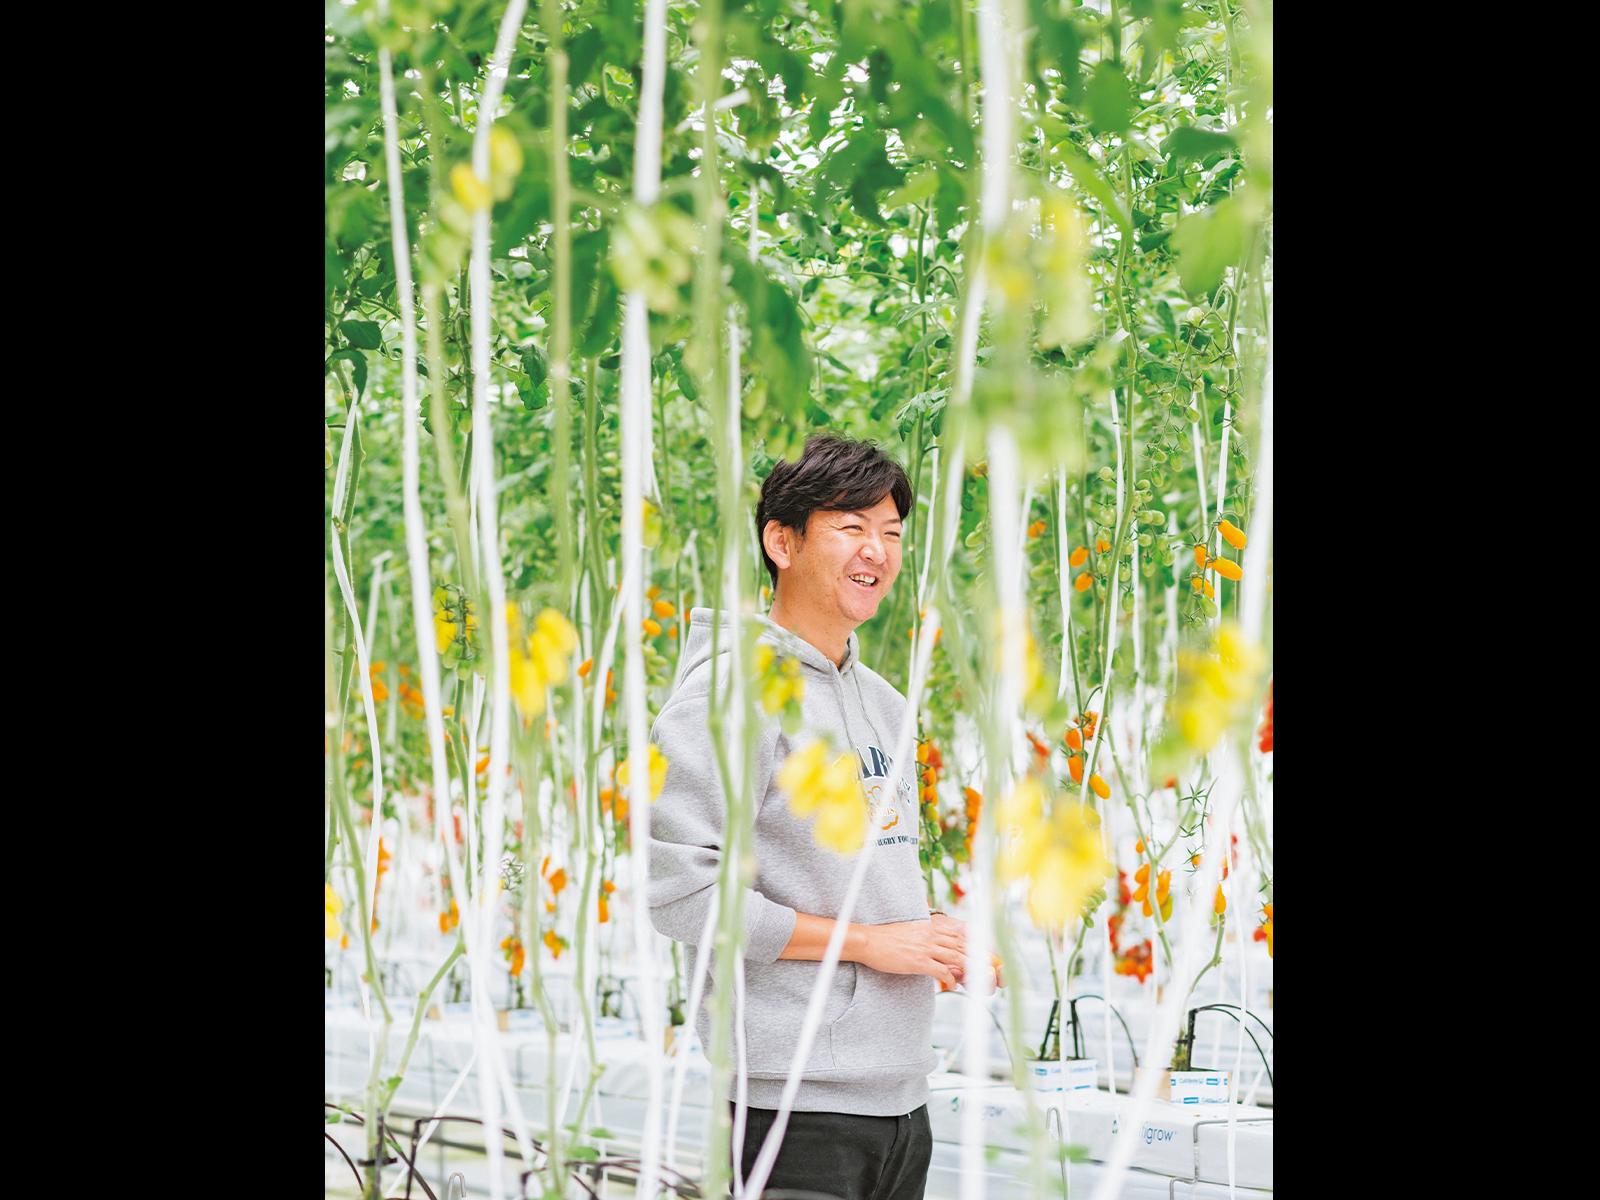 浅井さんが着用しているパーカは、少しでも農作物で応援ができたらと、今年からスポンサーになった三重の女子ラグビーチーム「PEARLS」のもの。